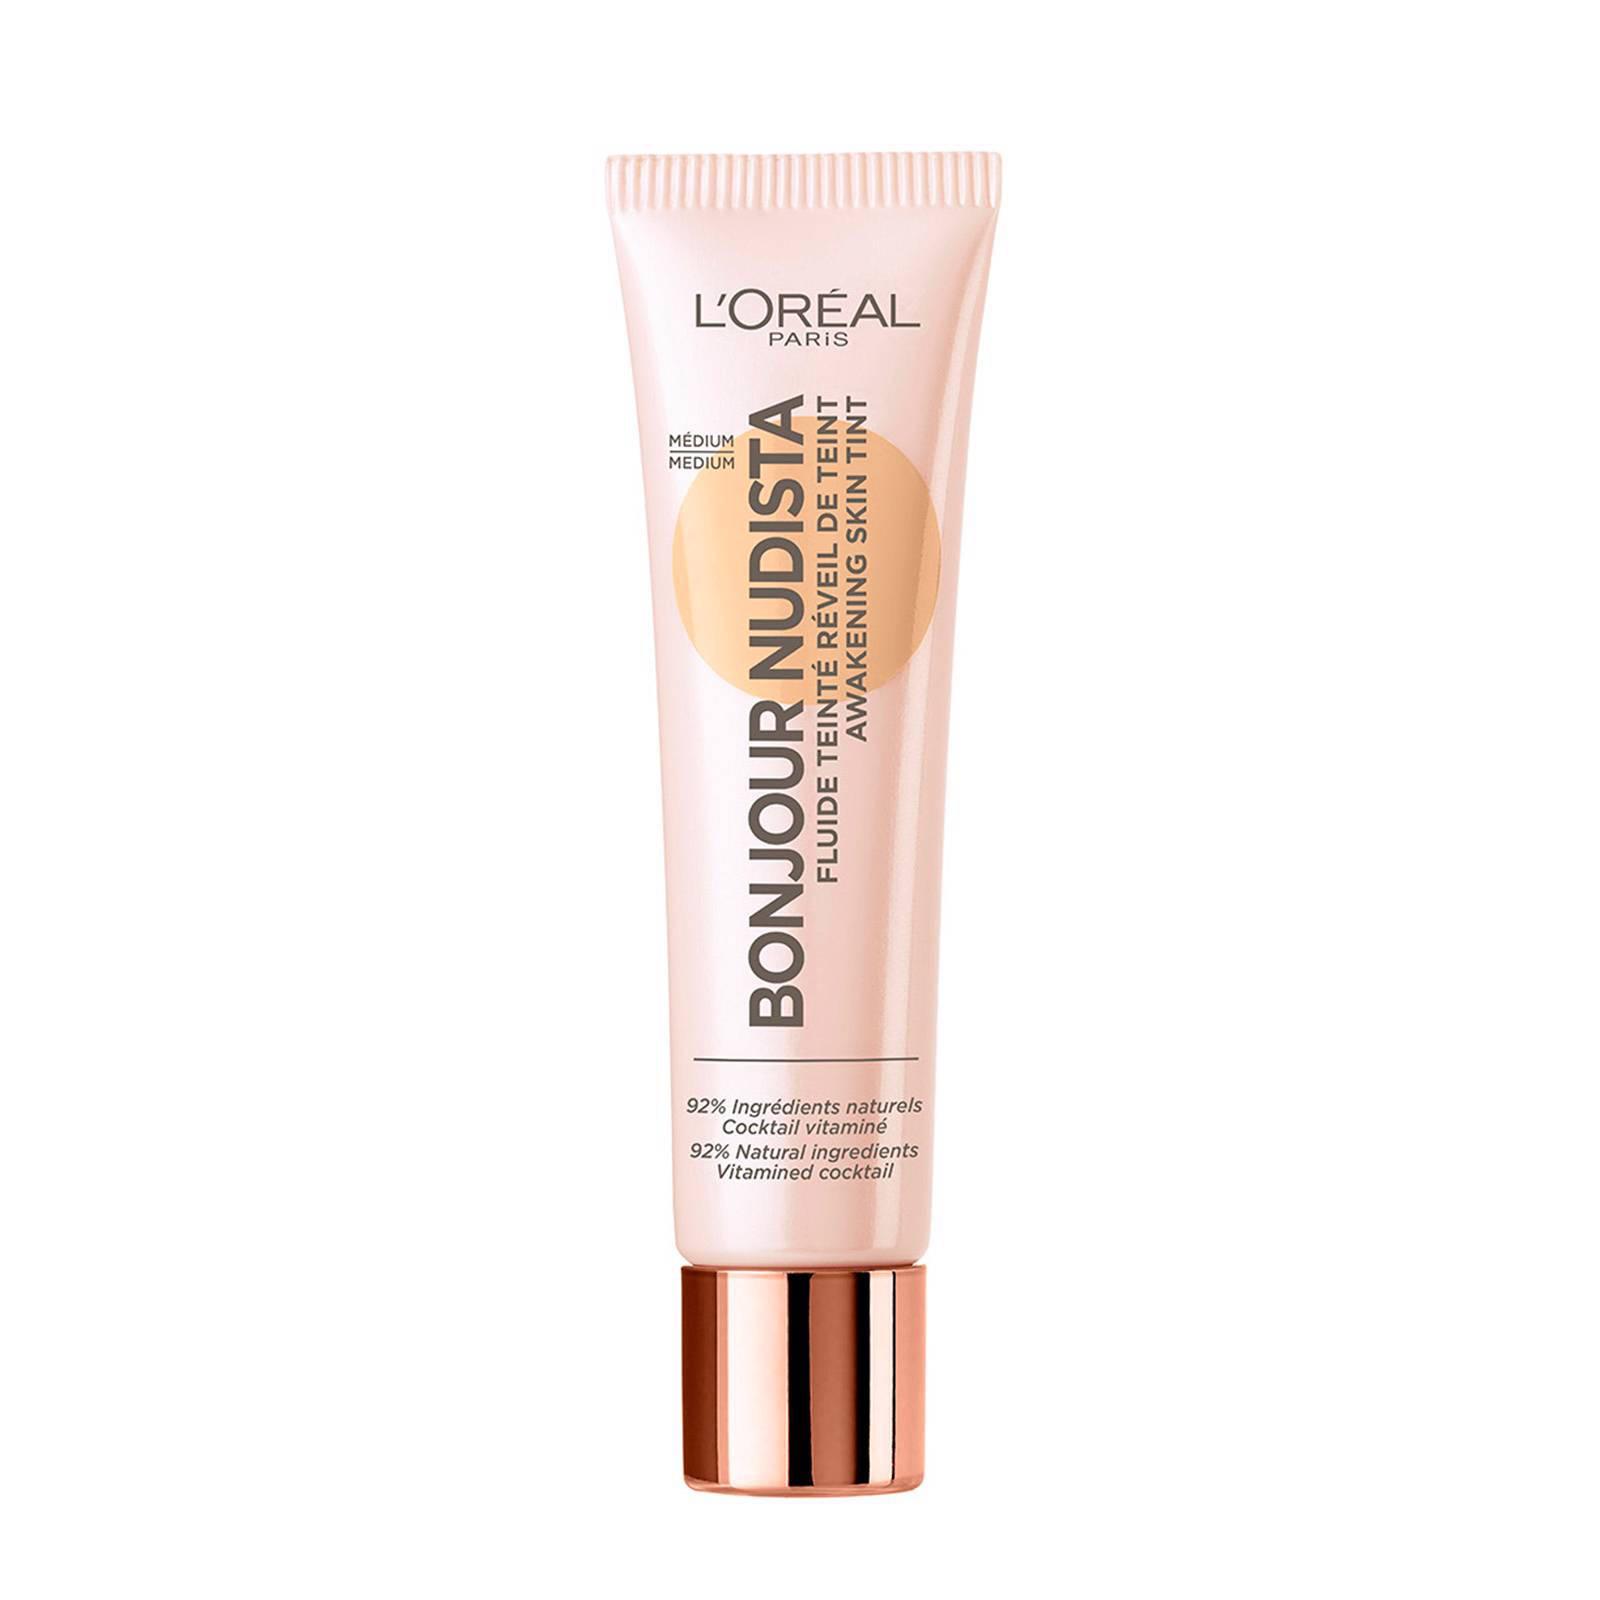 L'Oréal Paris BB Cream Tint Bonjour Nudista Medium